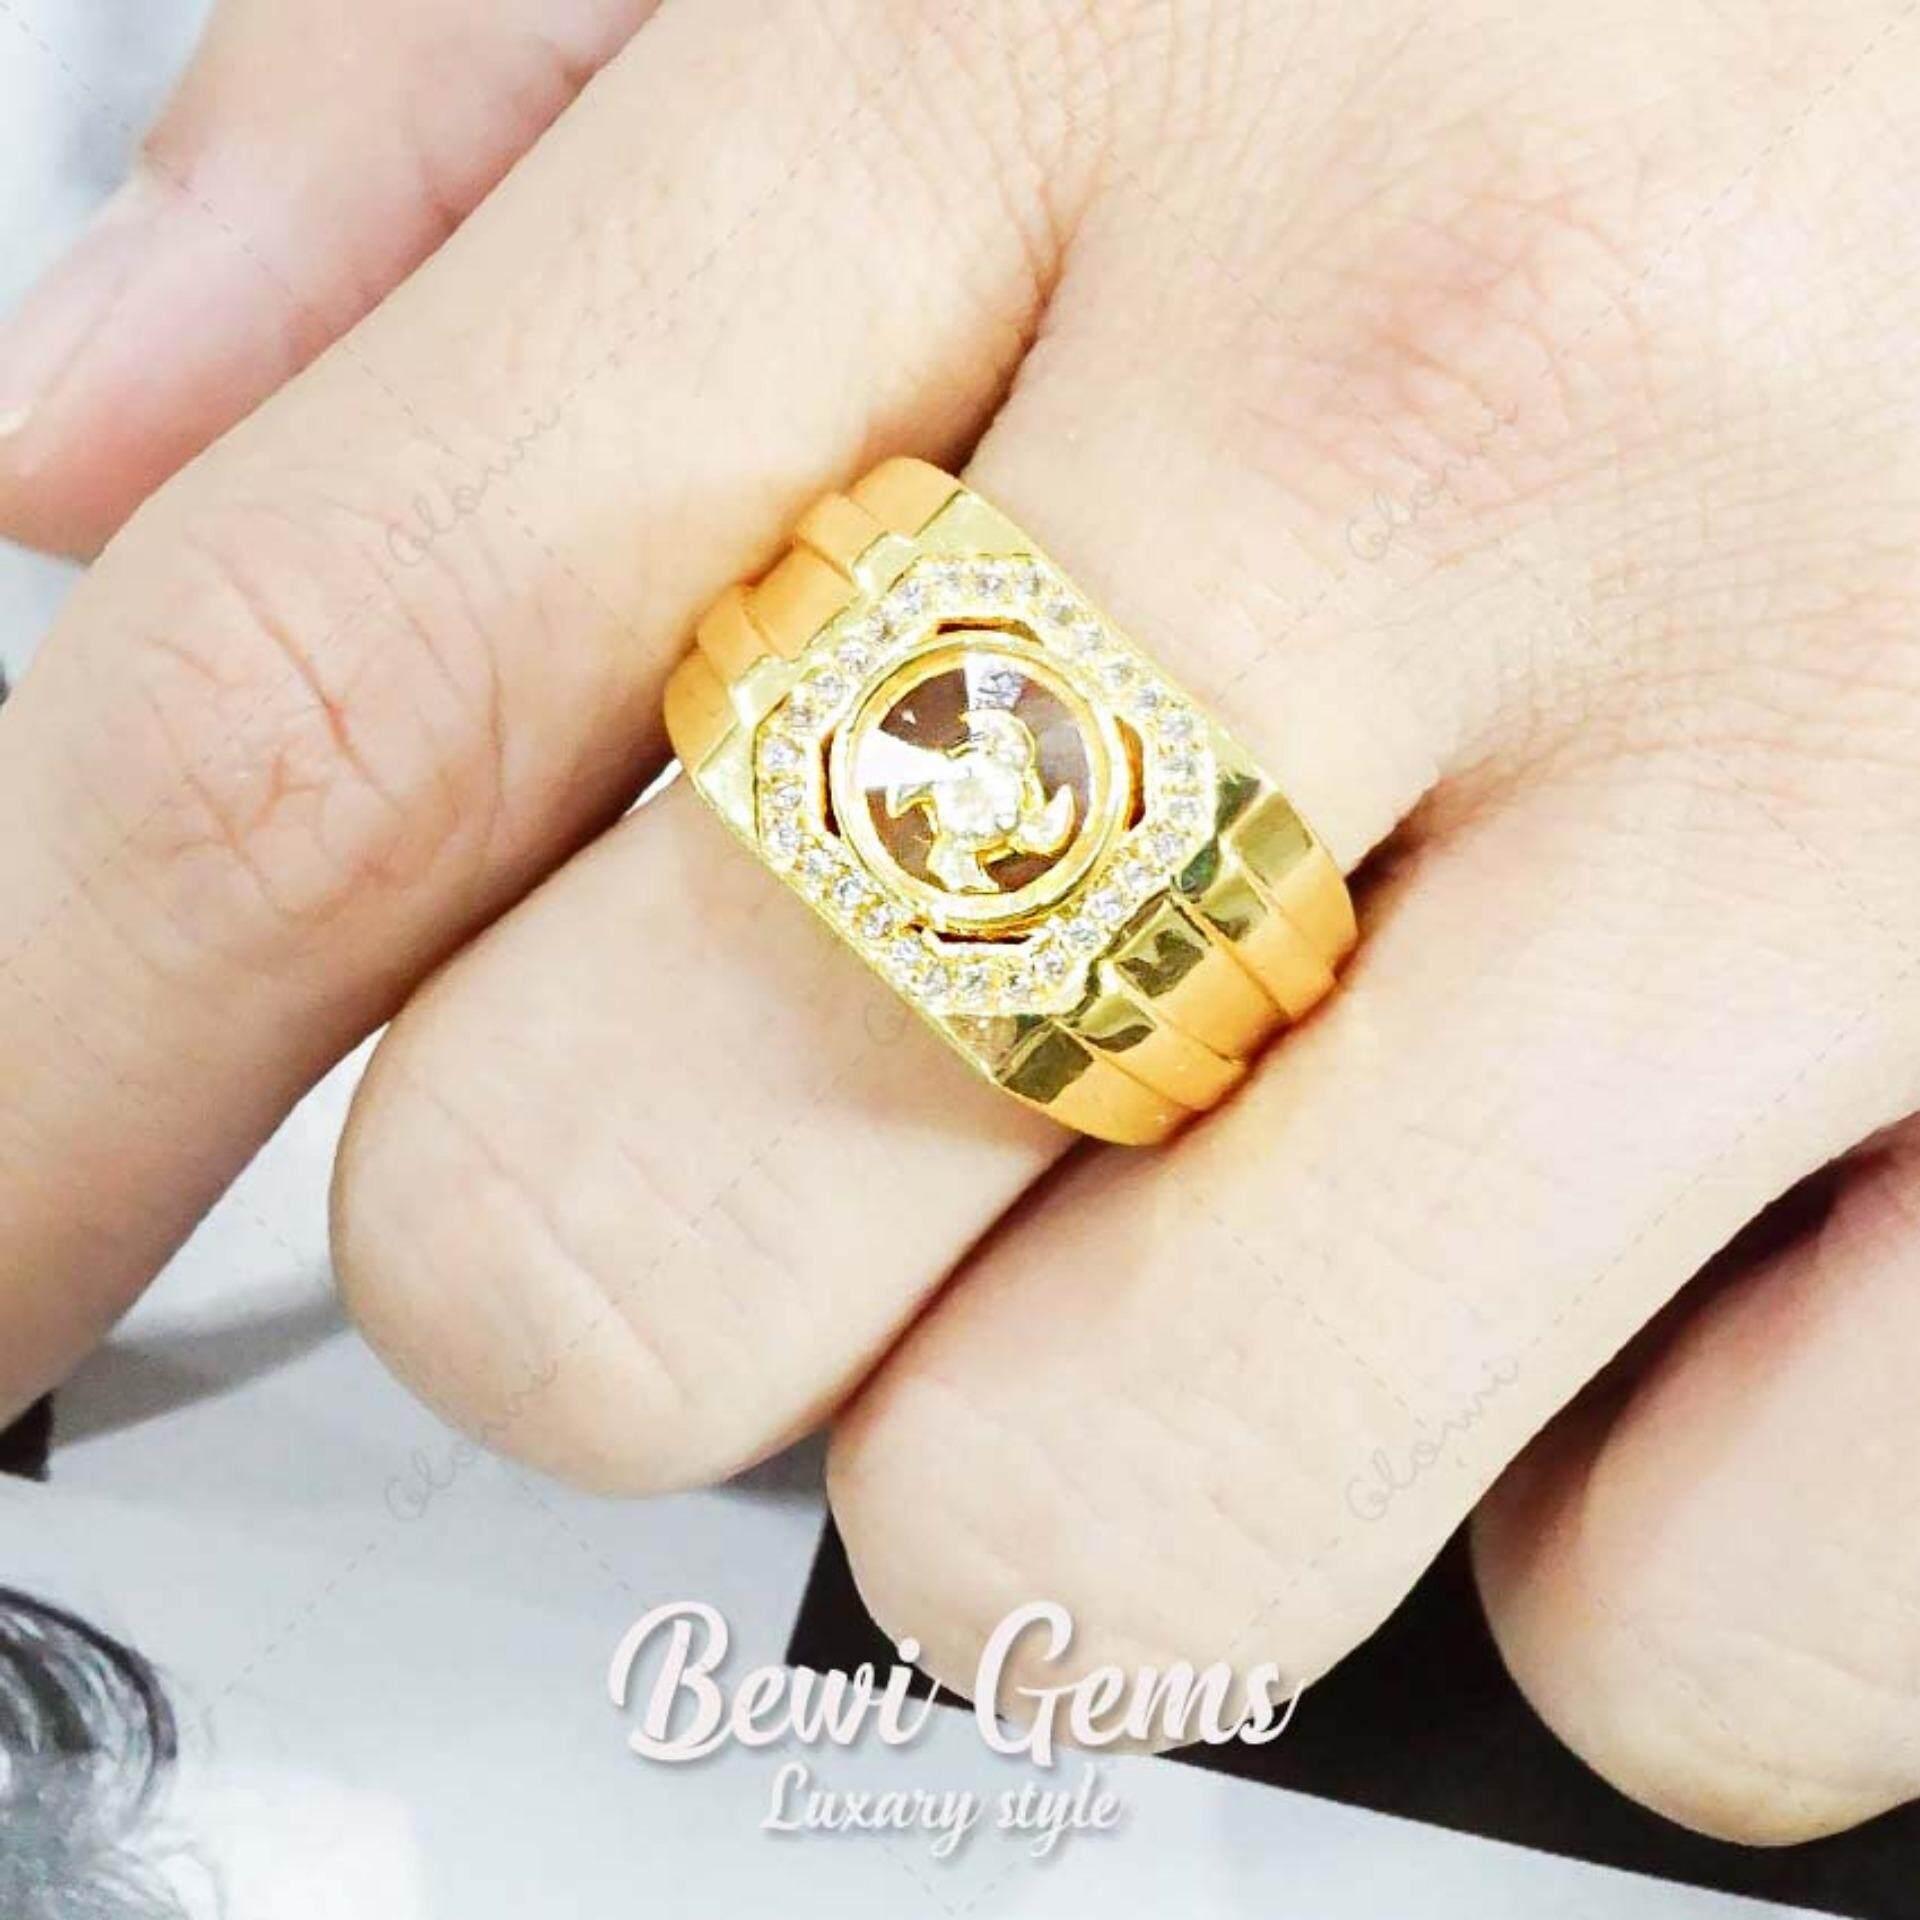 Bewi G แหวนผู้หญิง สไตล์ แหวนเสริมดวง Ring แหวนกังหัน นำโชค แชกงหมิว กังหันหมุนได้ ประดับเพชร Cz ชุบทอง เหมือนทองแท้ หรูหรา รุ่น Bg R0031 สีทอง Gold ใน ไทย